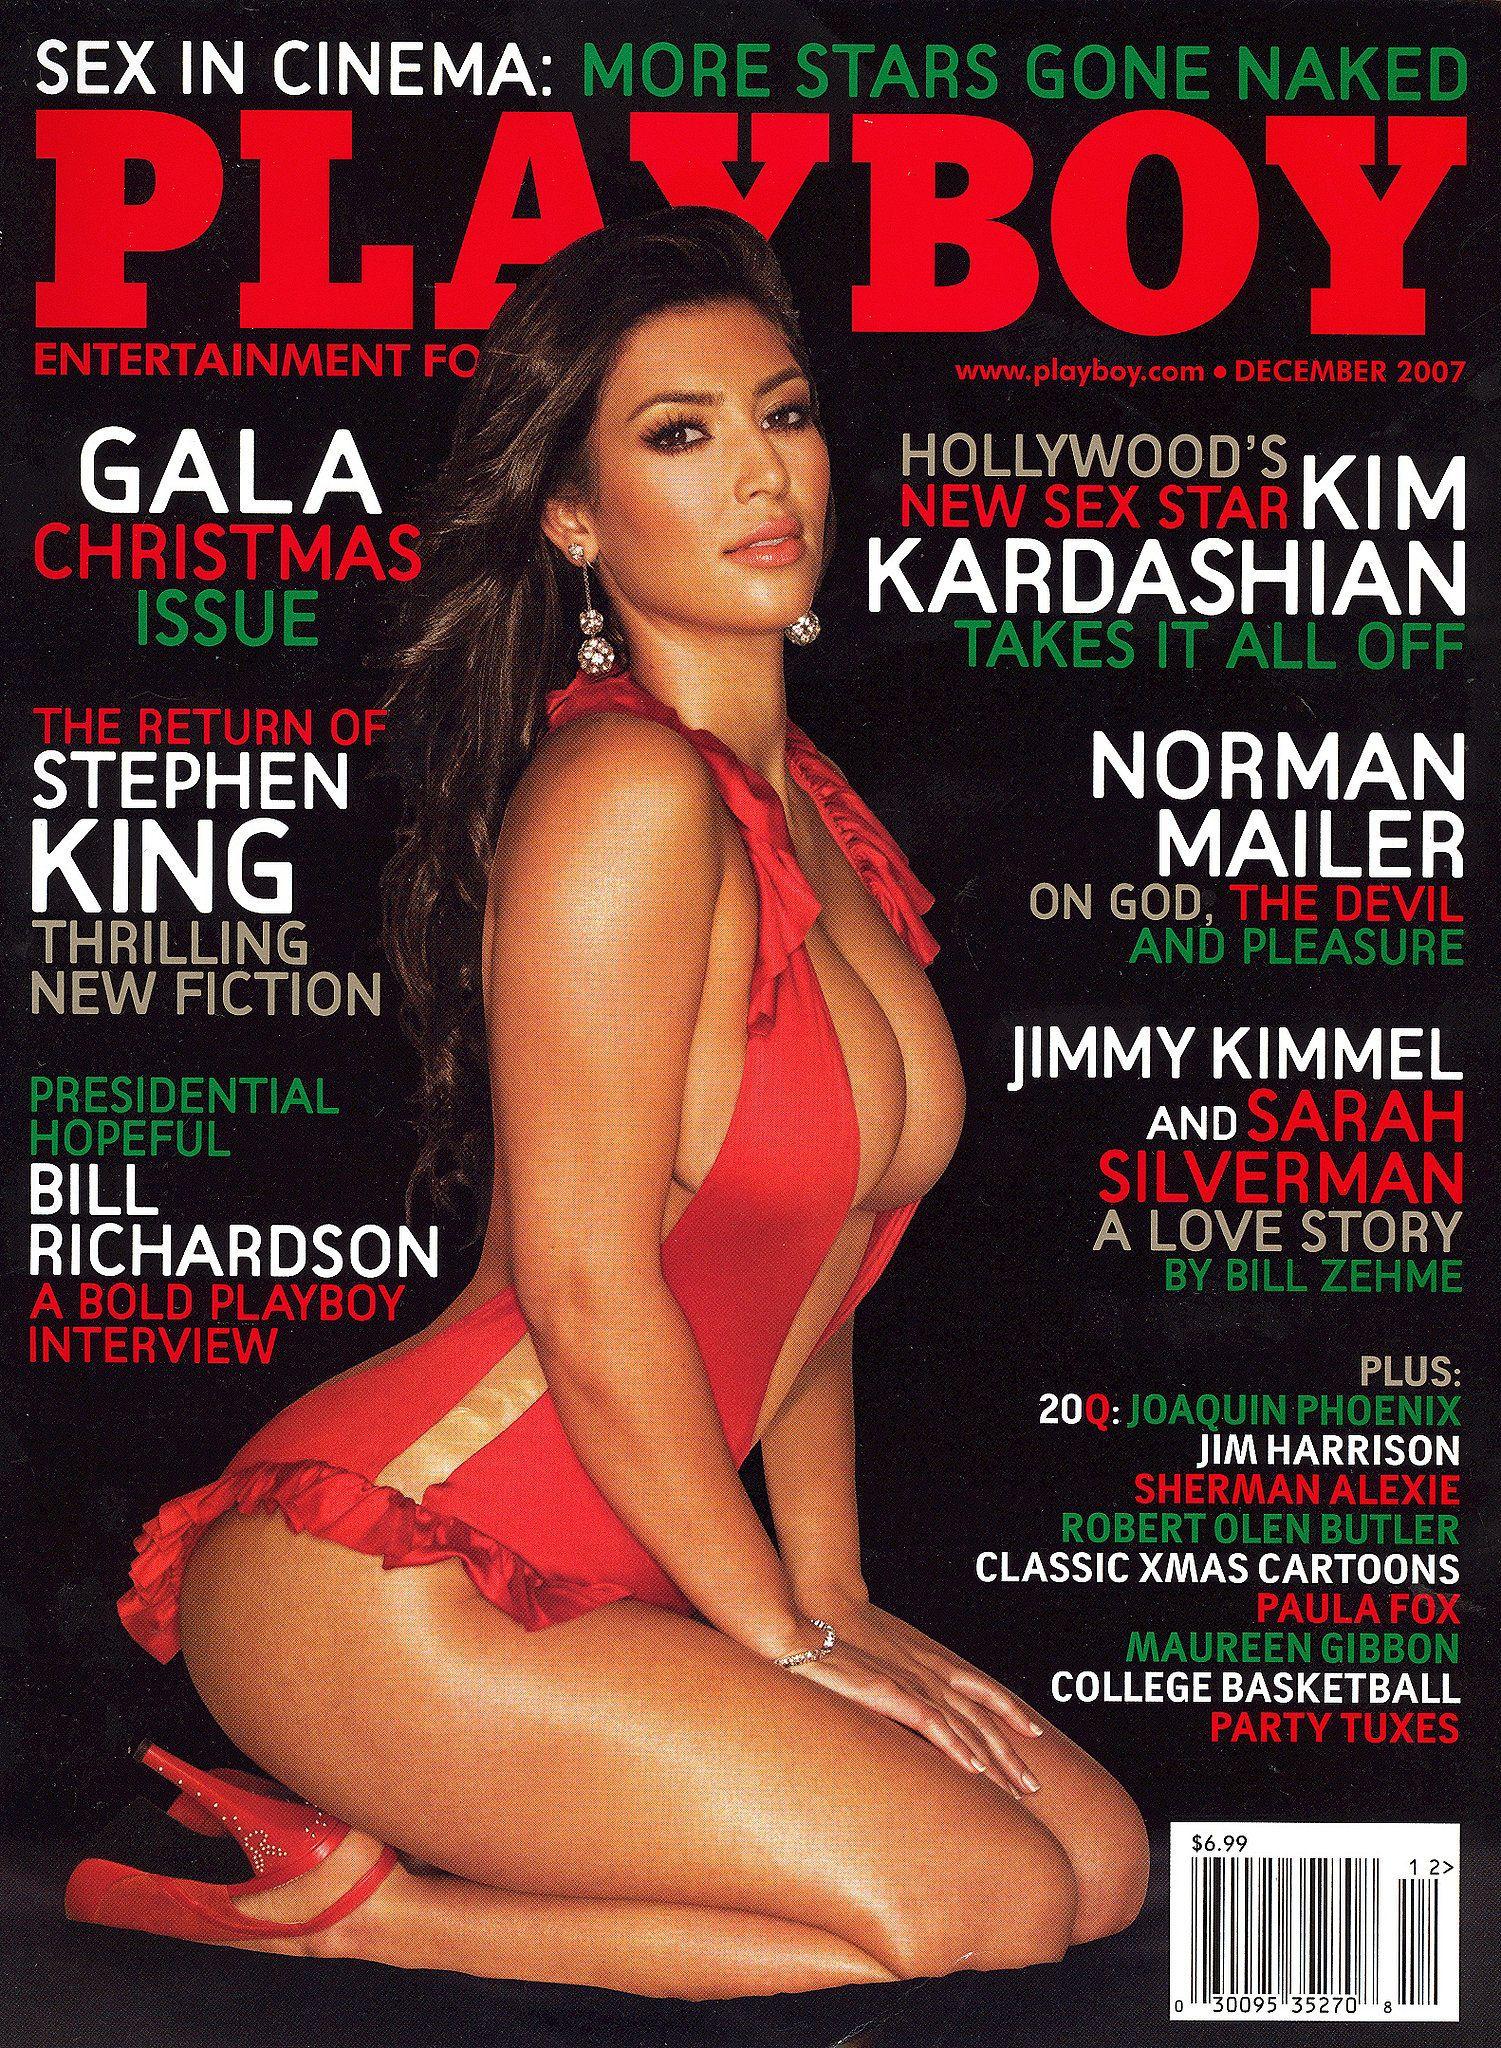 Kim kardashian nude in public, shannon noel nude